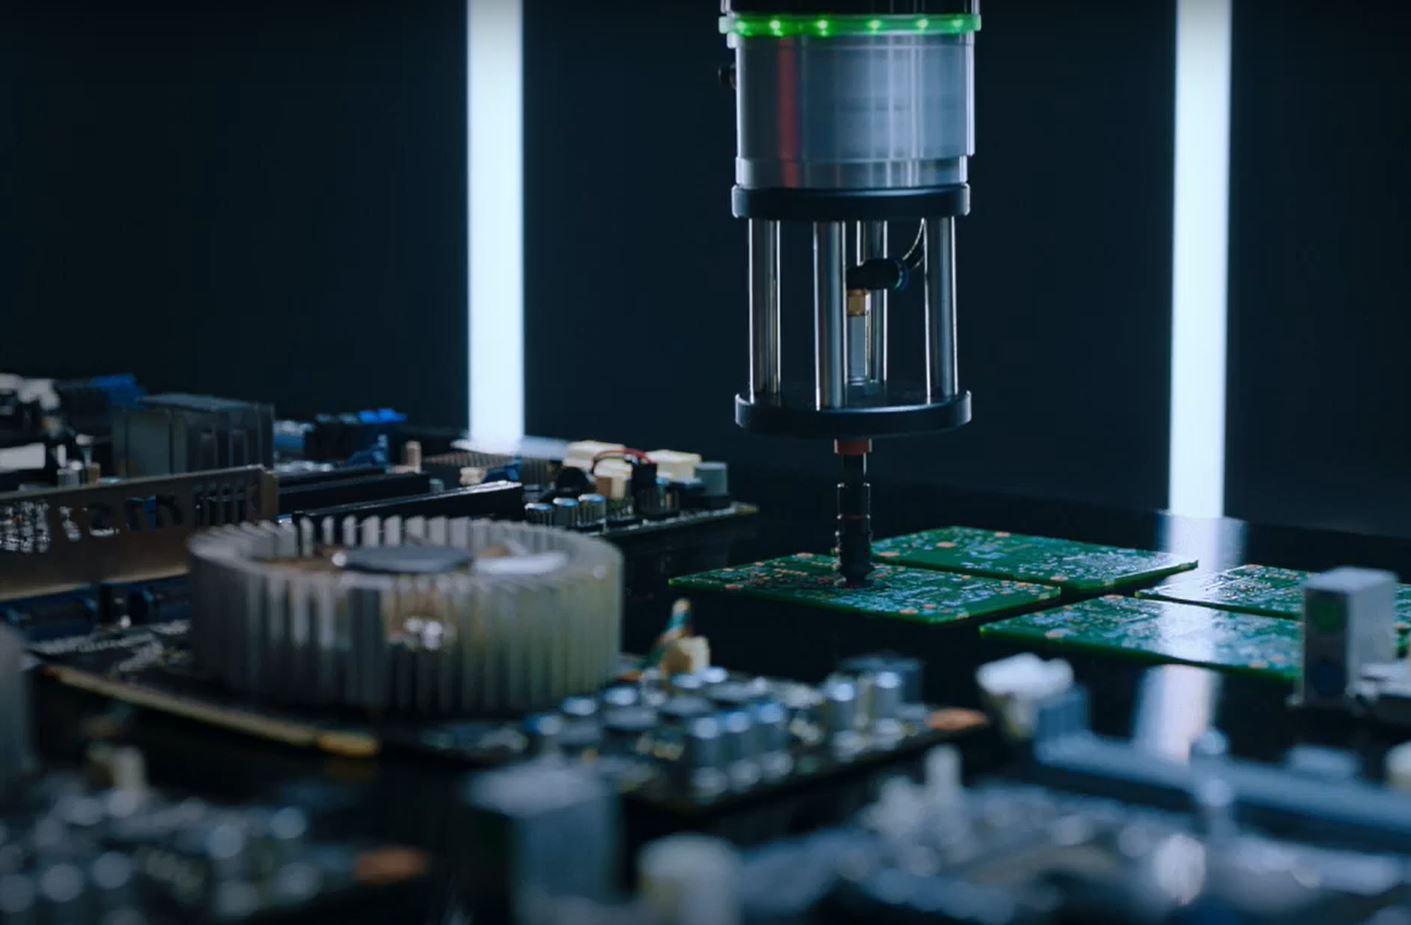 Смогут ли микроэлектромеханические системы (МЭМС) сделать коботов безопаснее и быстрее?